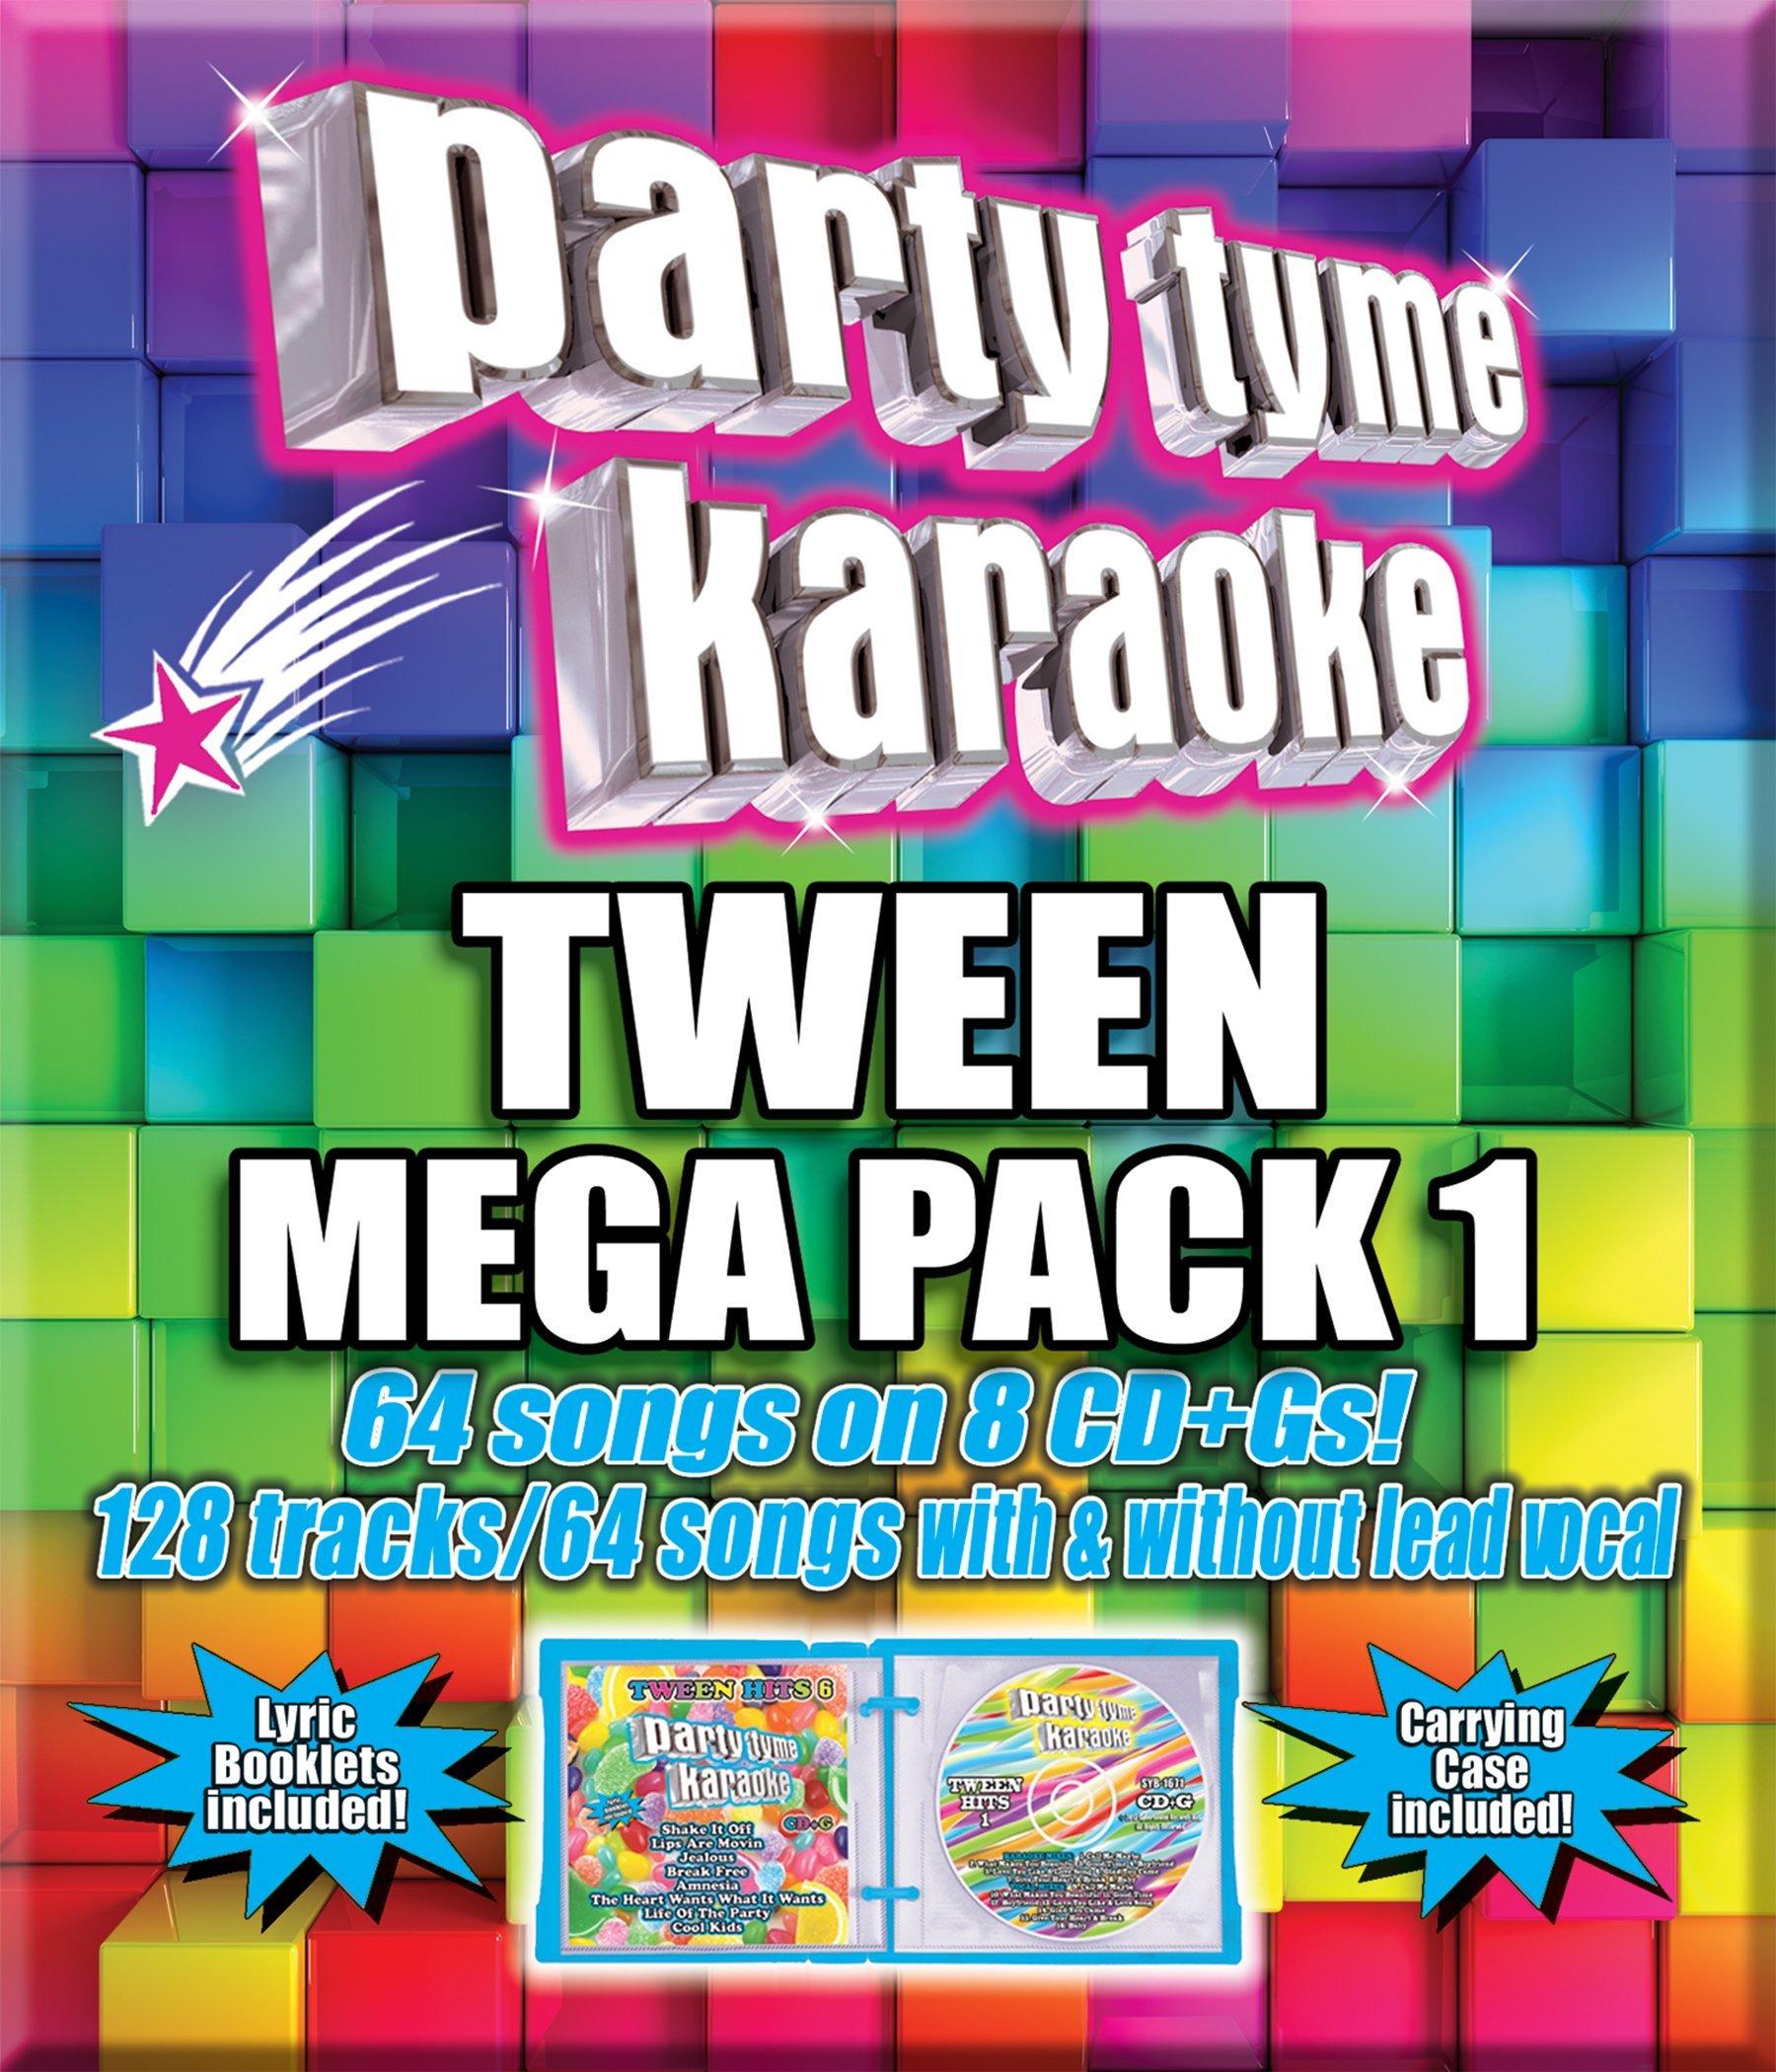 Party Tyme Karaoke - Tween Mega Pack 1 [8 CD][64+64-Song Party Pack]